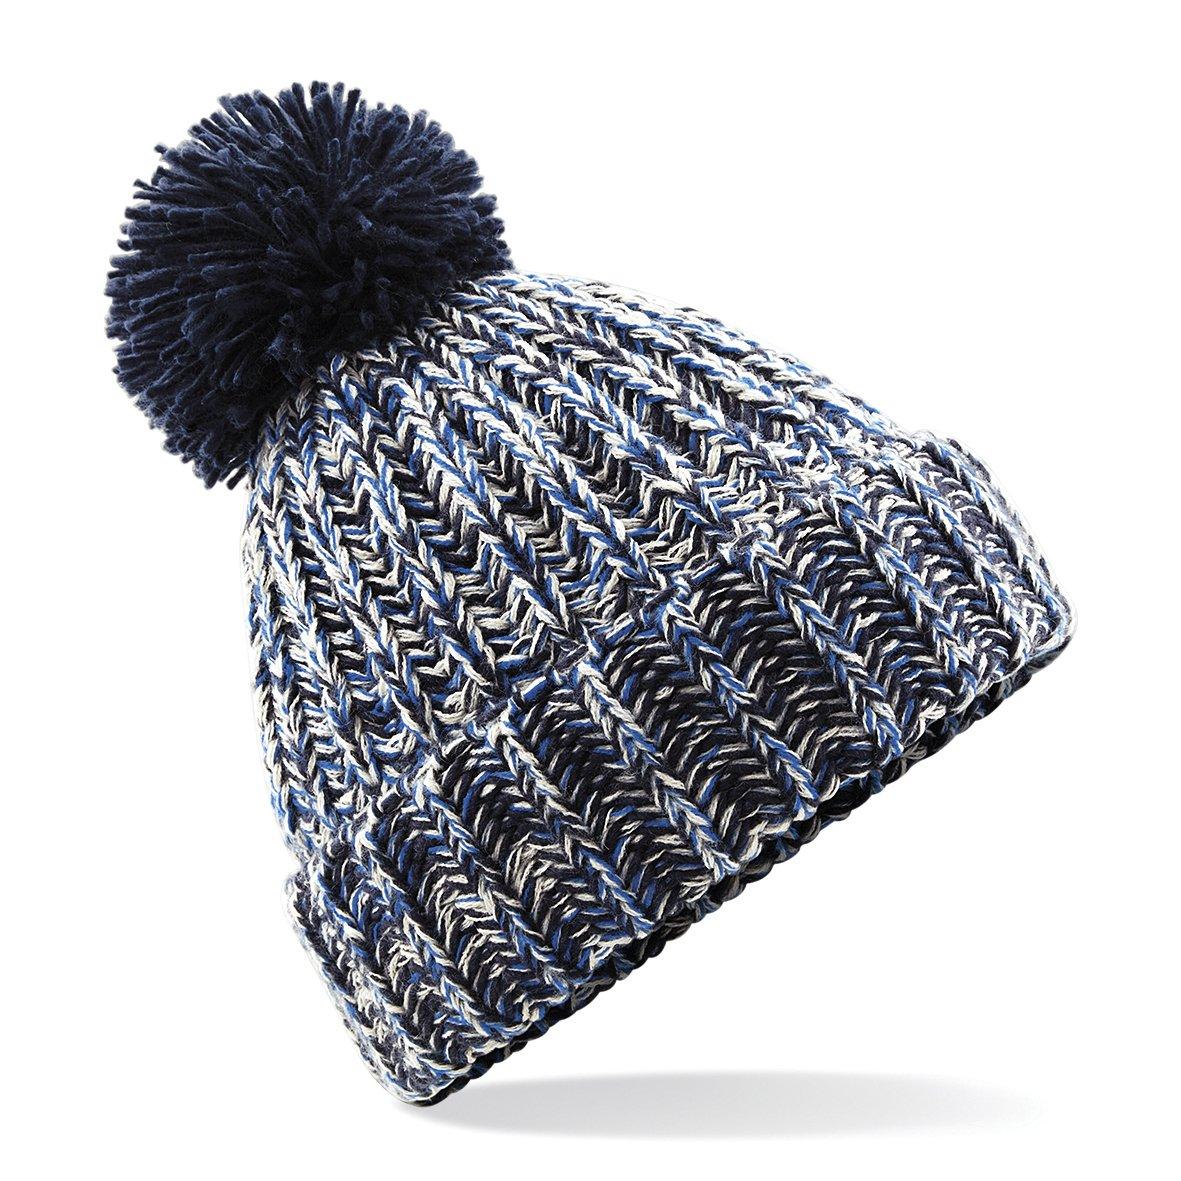 Beechfield Unisex Twist-Knit Pom Pom Winter Beanie Hat UTRW3669_1